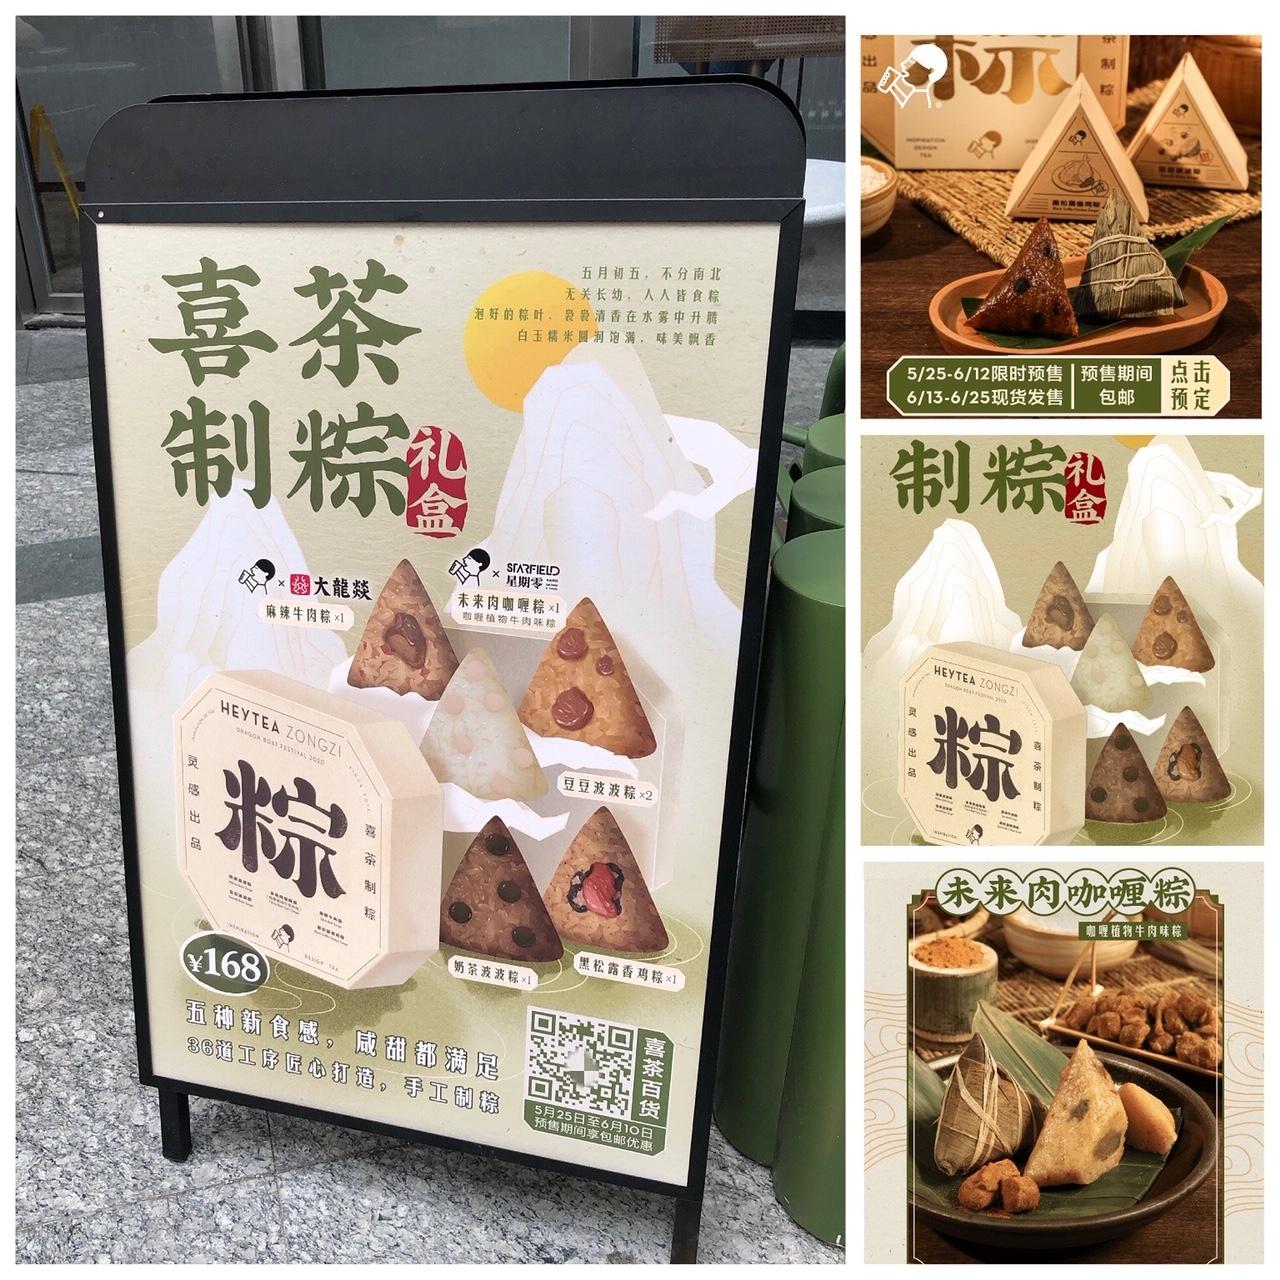 上海•喜茶が販売しているチマキのバラエティセット